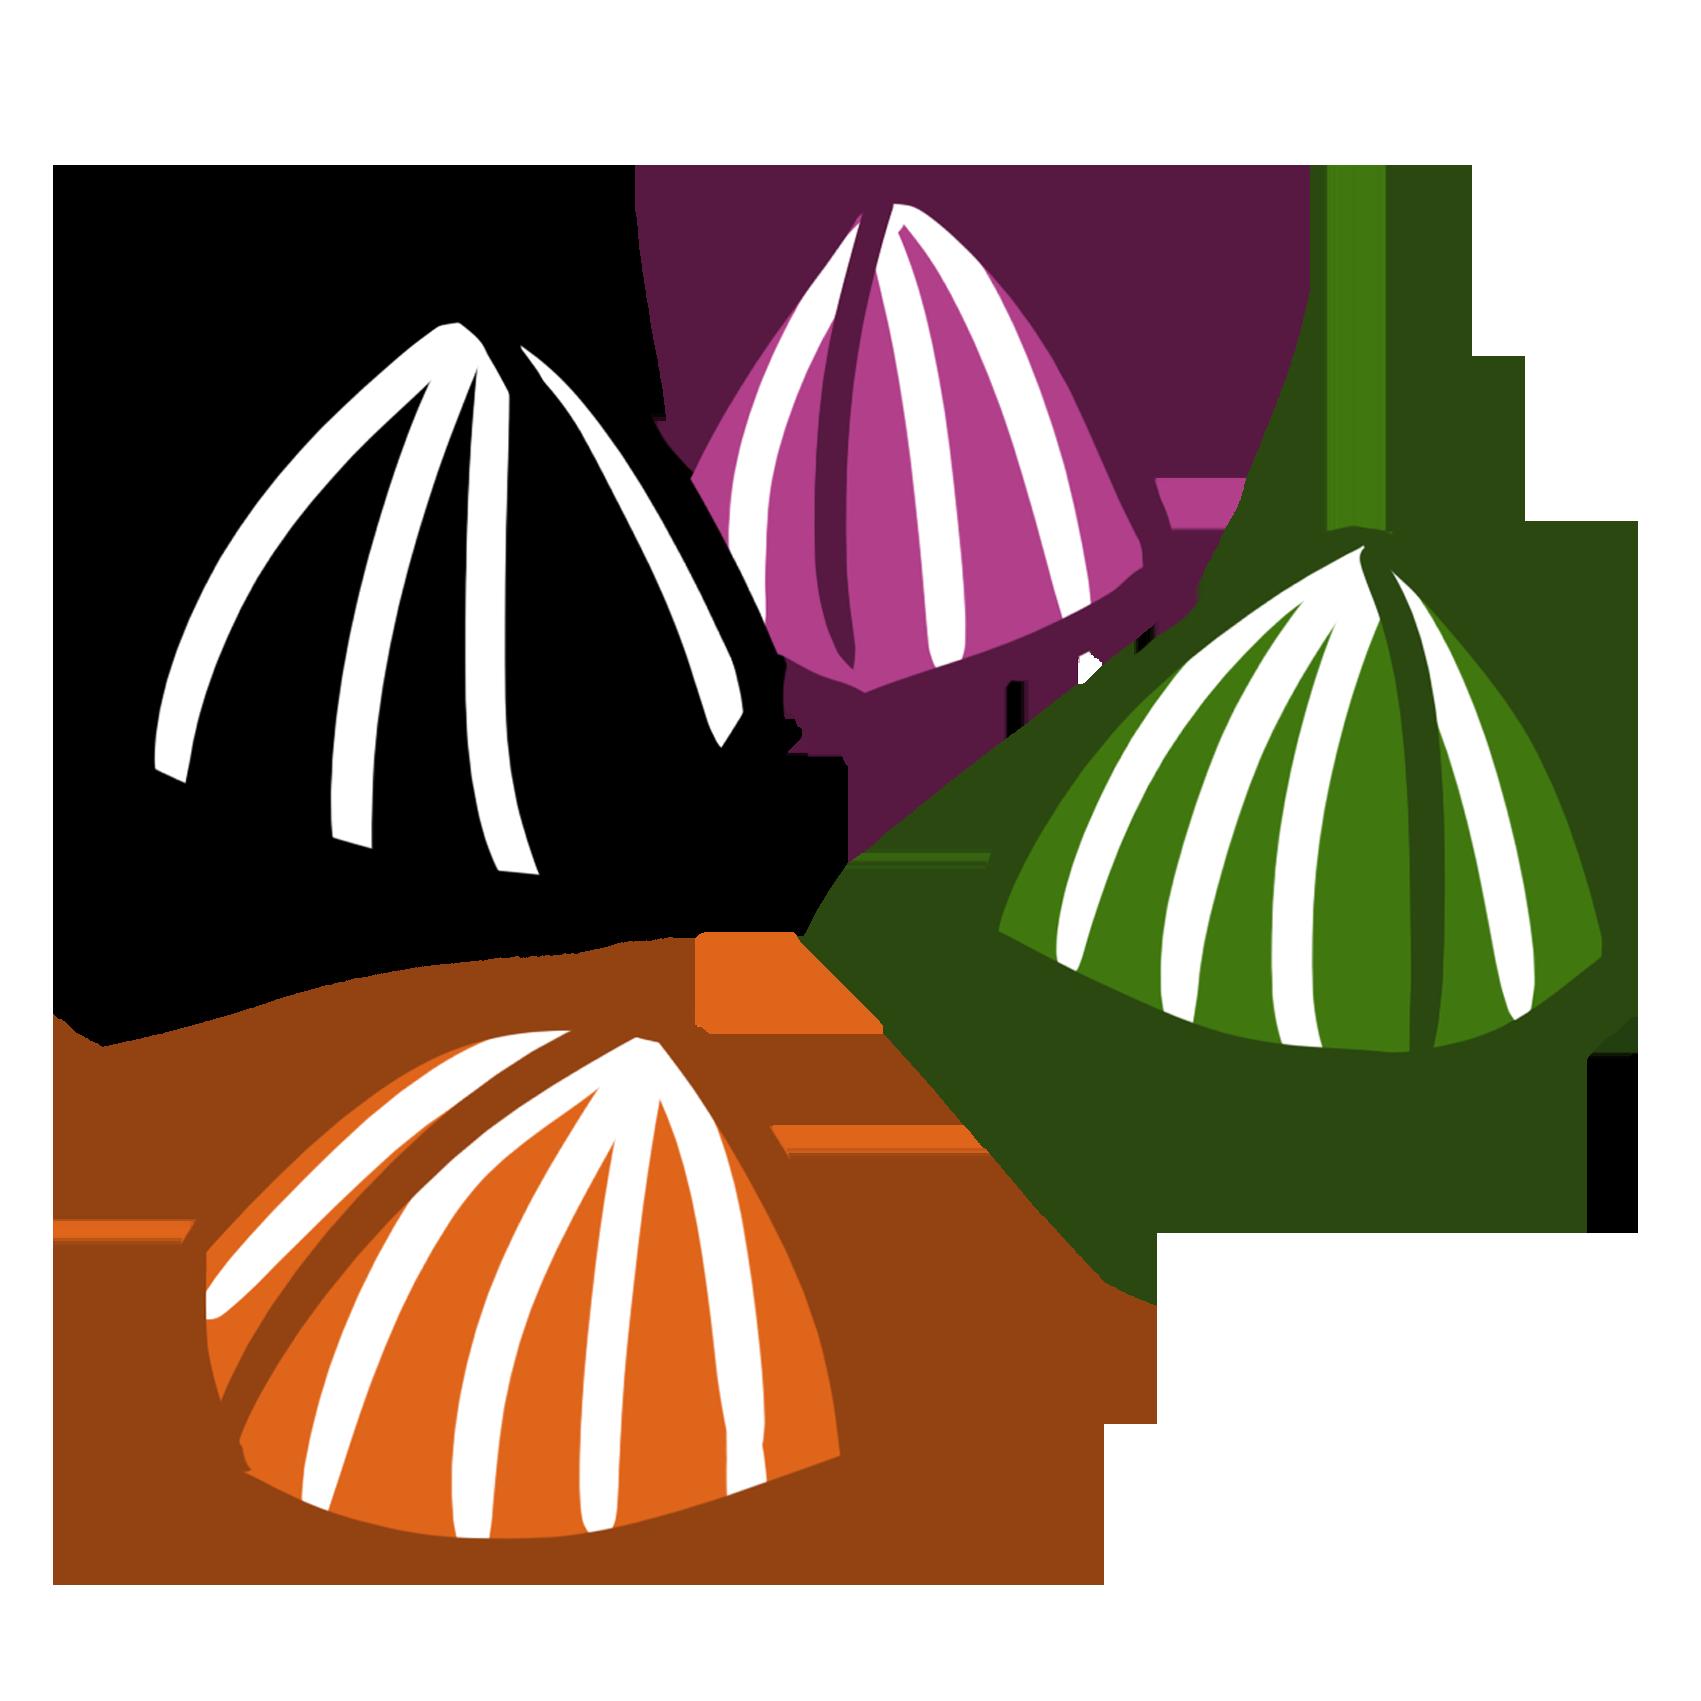 Le berlingot